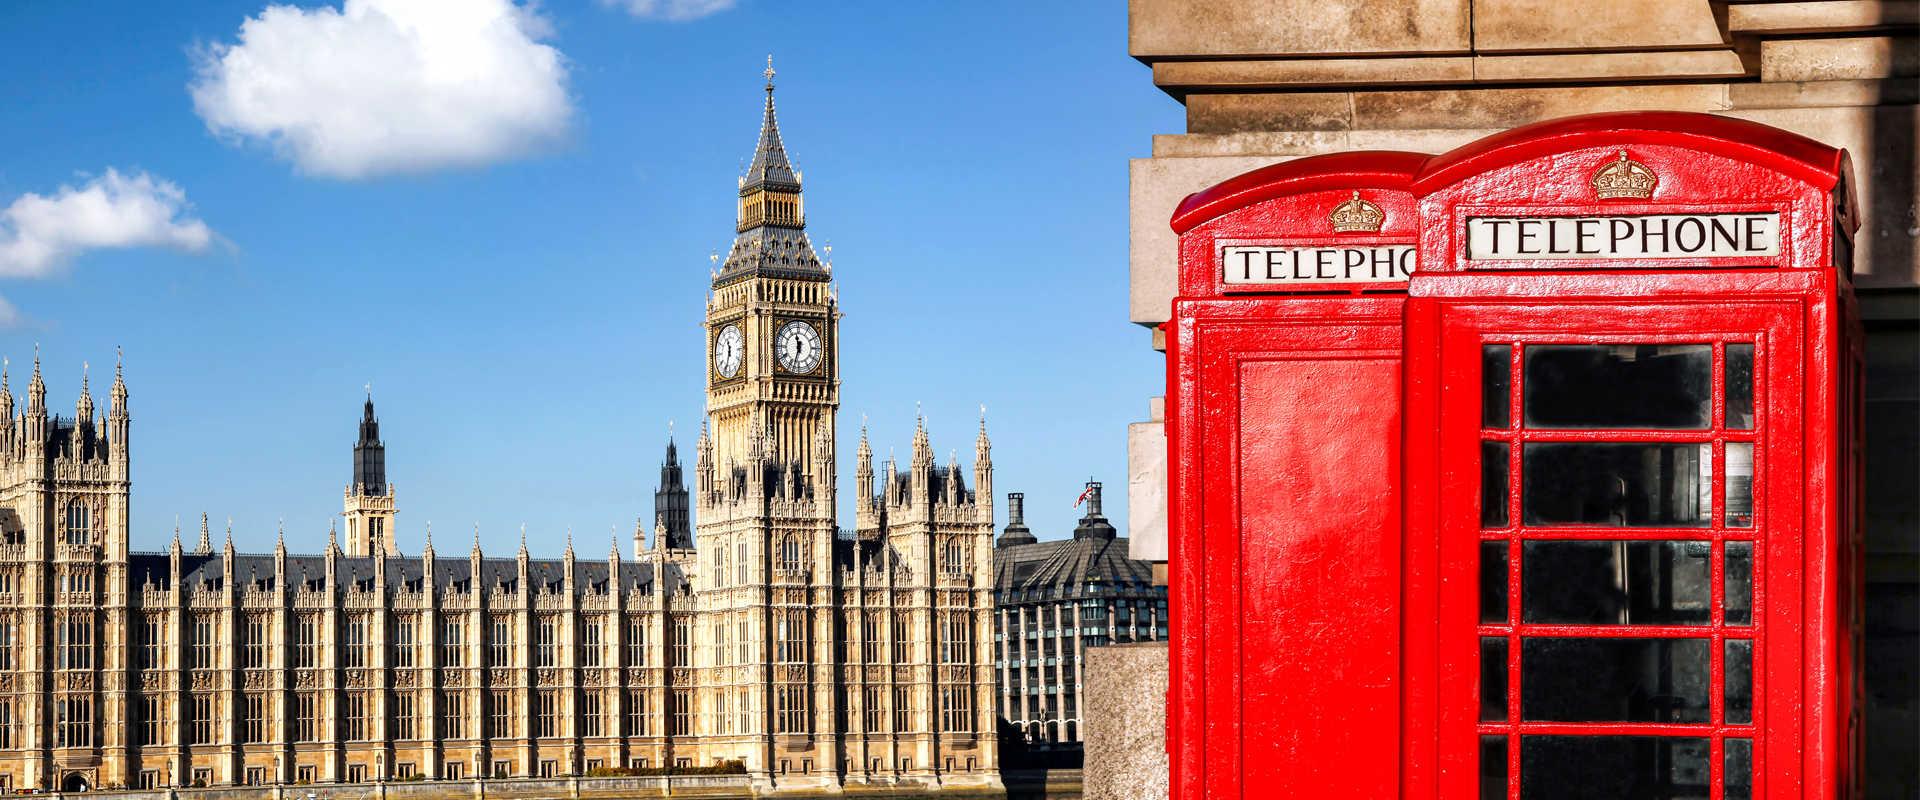 London – Blick auf den Westminsterpalast mit der Turmuhr Big Ben, im Vordergrund mit roter Telefonzelle